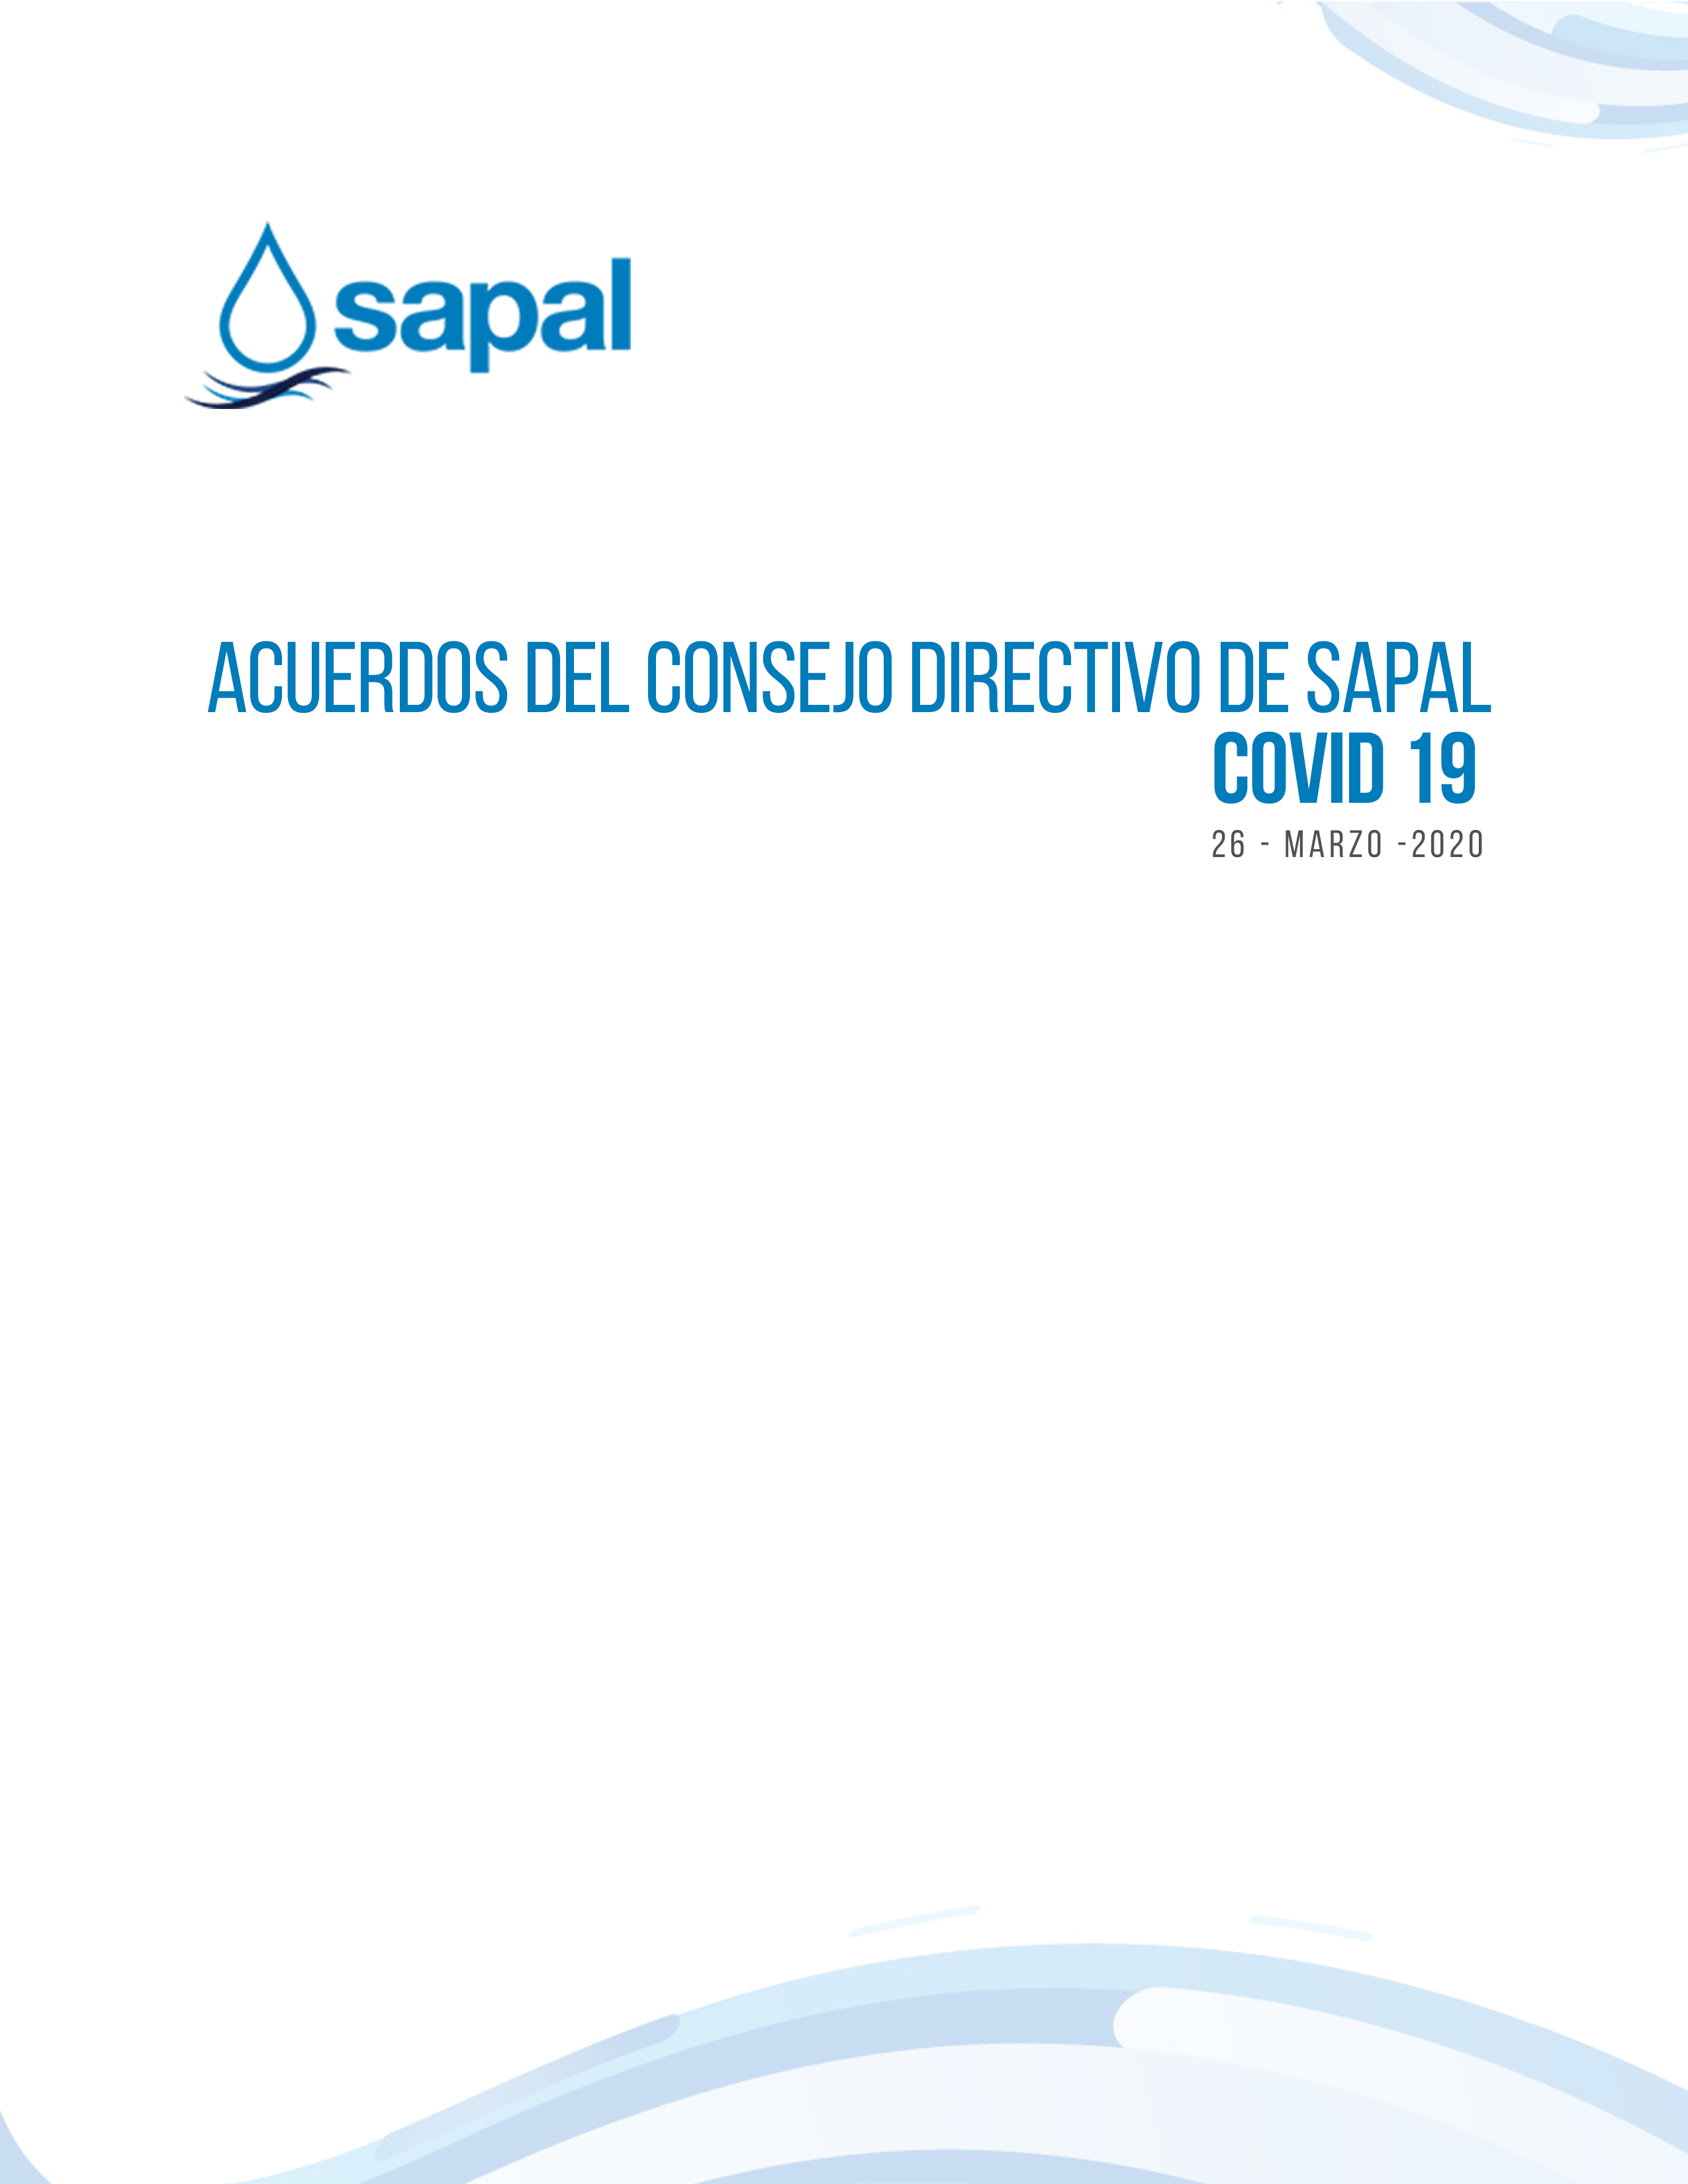 ACUERDOS DEL CONSEJO DIRECTIVO DE SAPAL COVID-19 ( 28 -ABRIL - 2020)